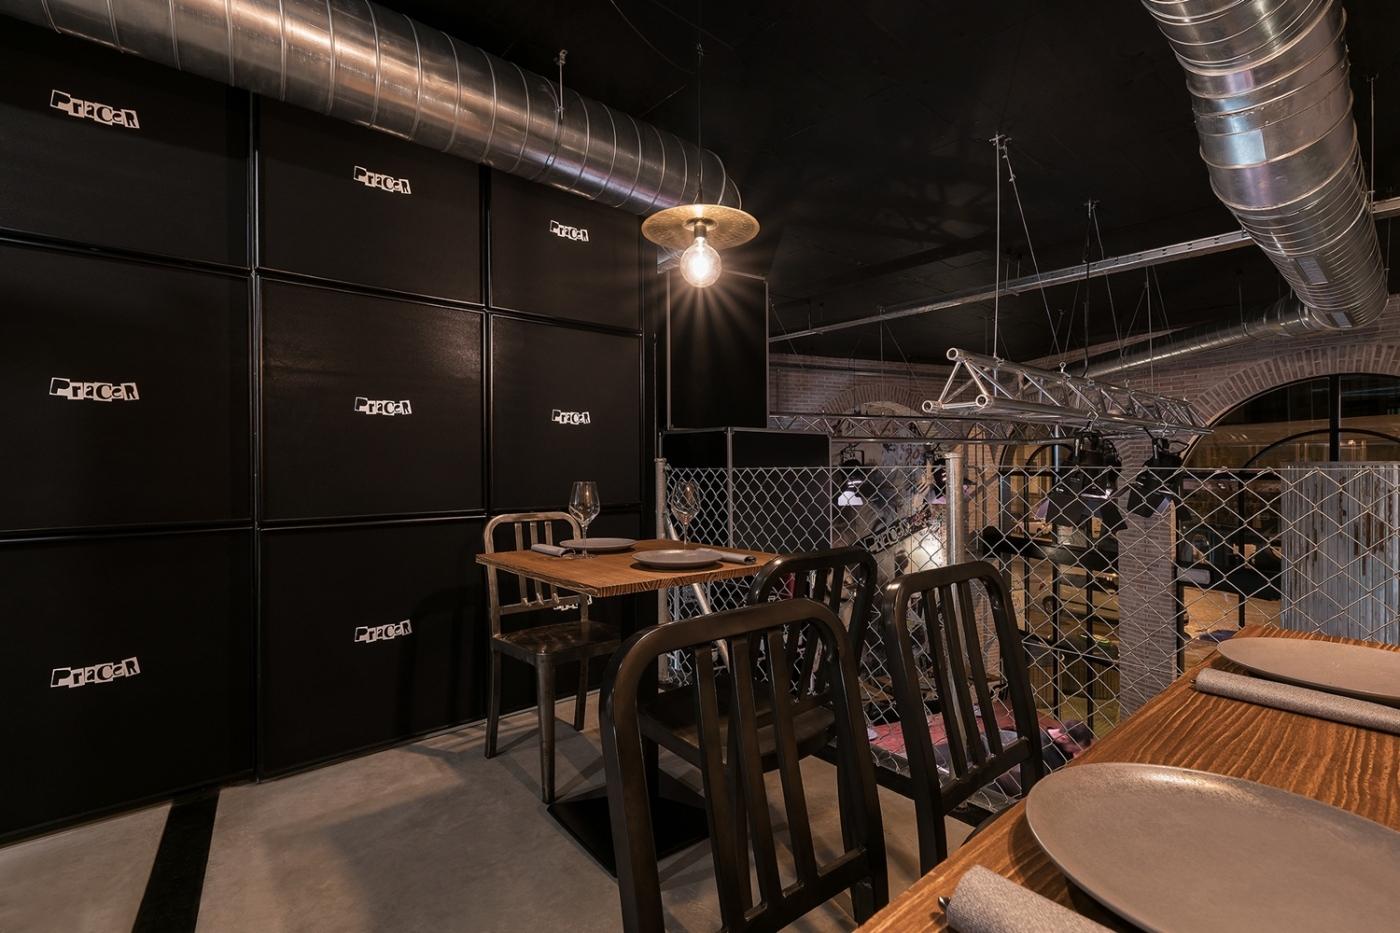 diseño-de-restaurante-pracer-ivan-cotado-11